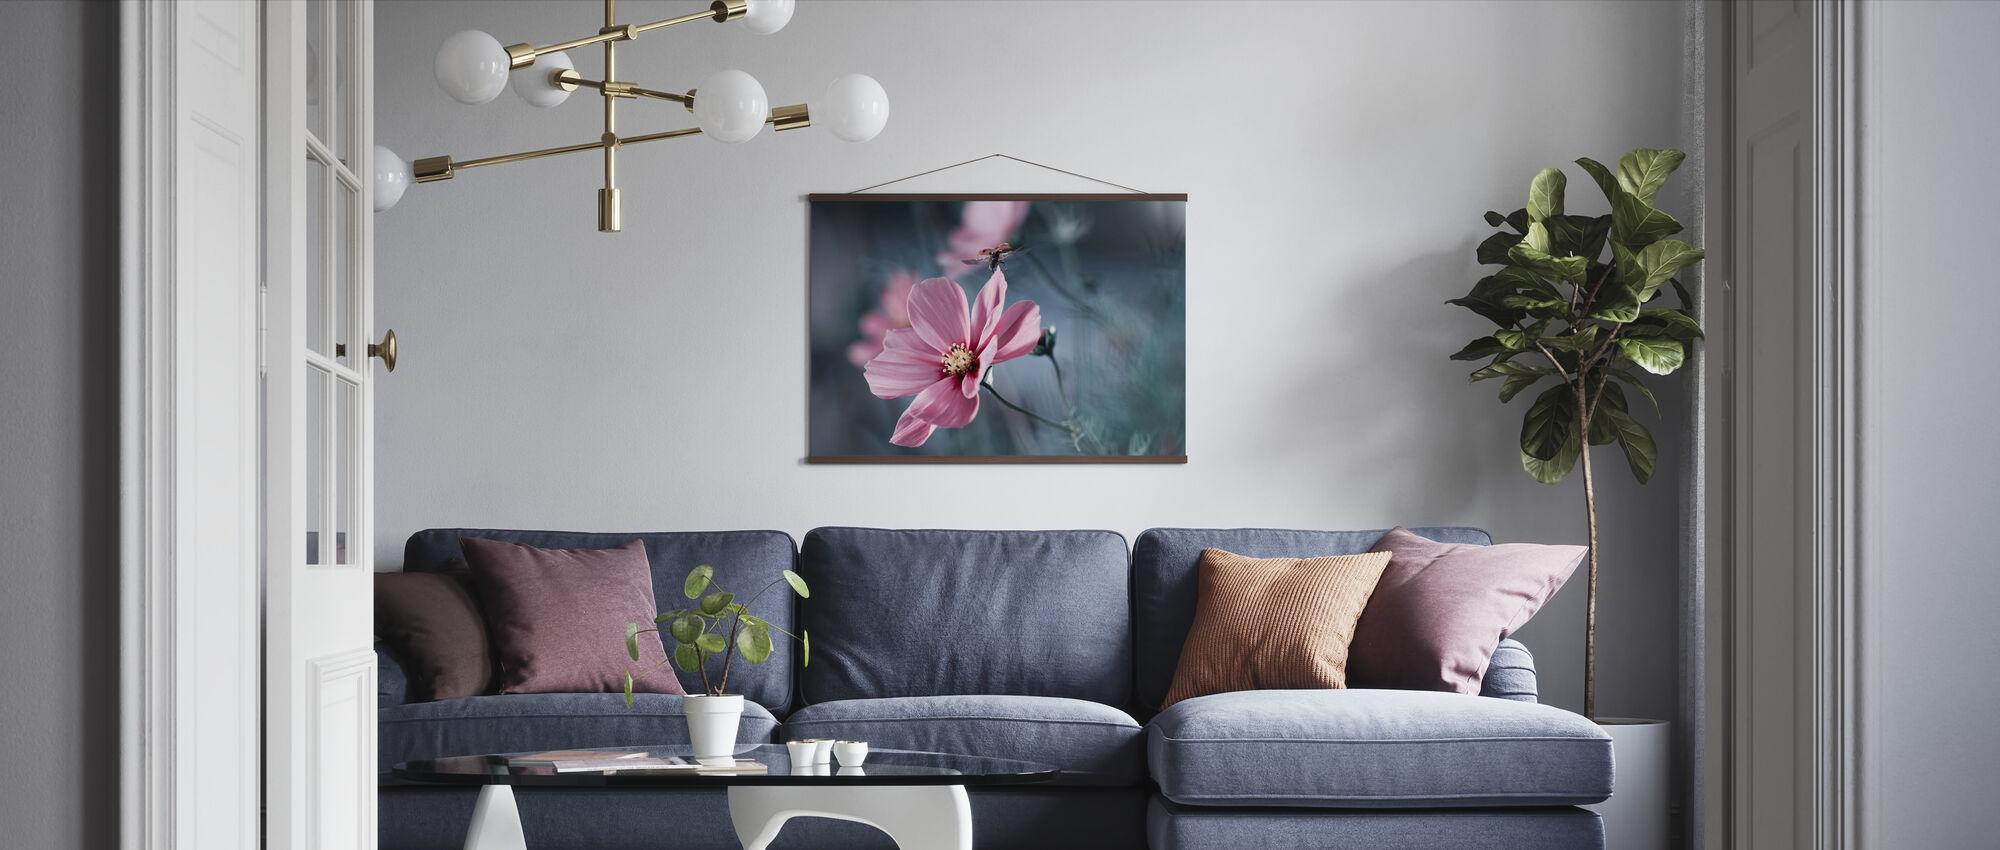 Enchanted Ladybug - Poster - Living Room